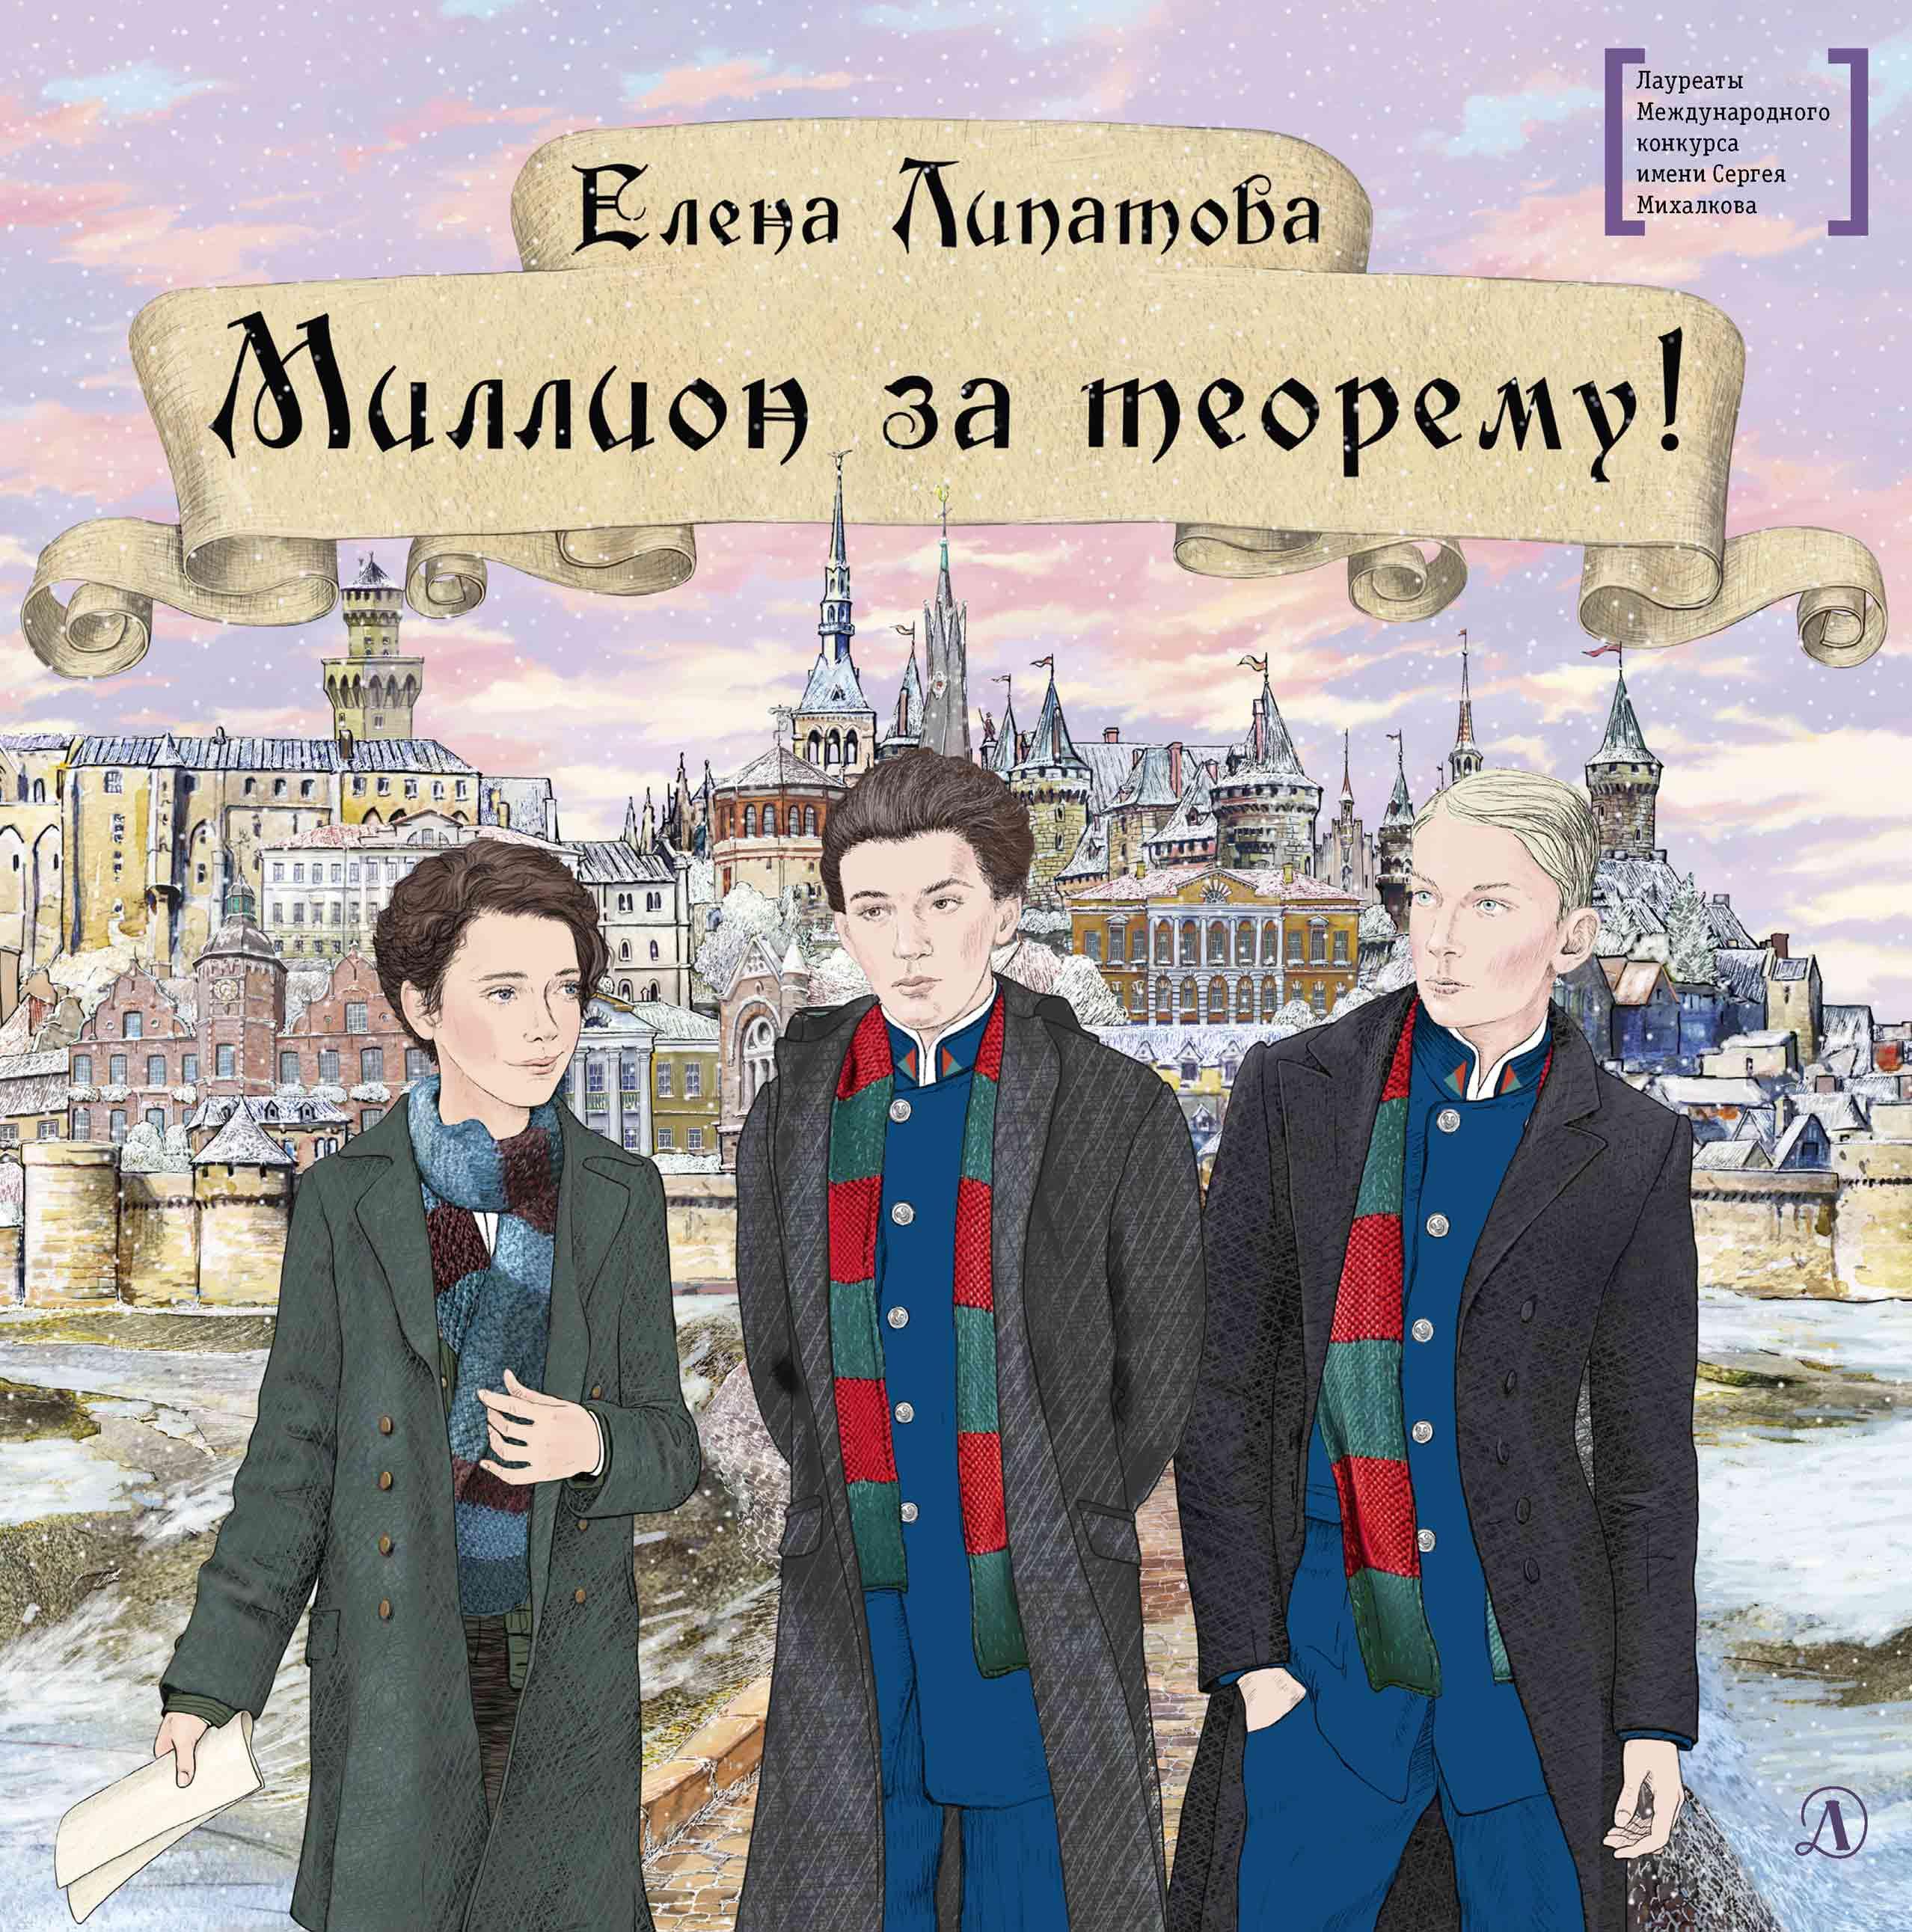 Купить книгу Миллион за теорему!, автора Елены Липатовой